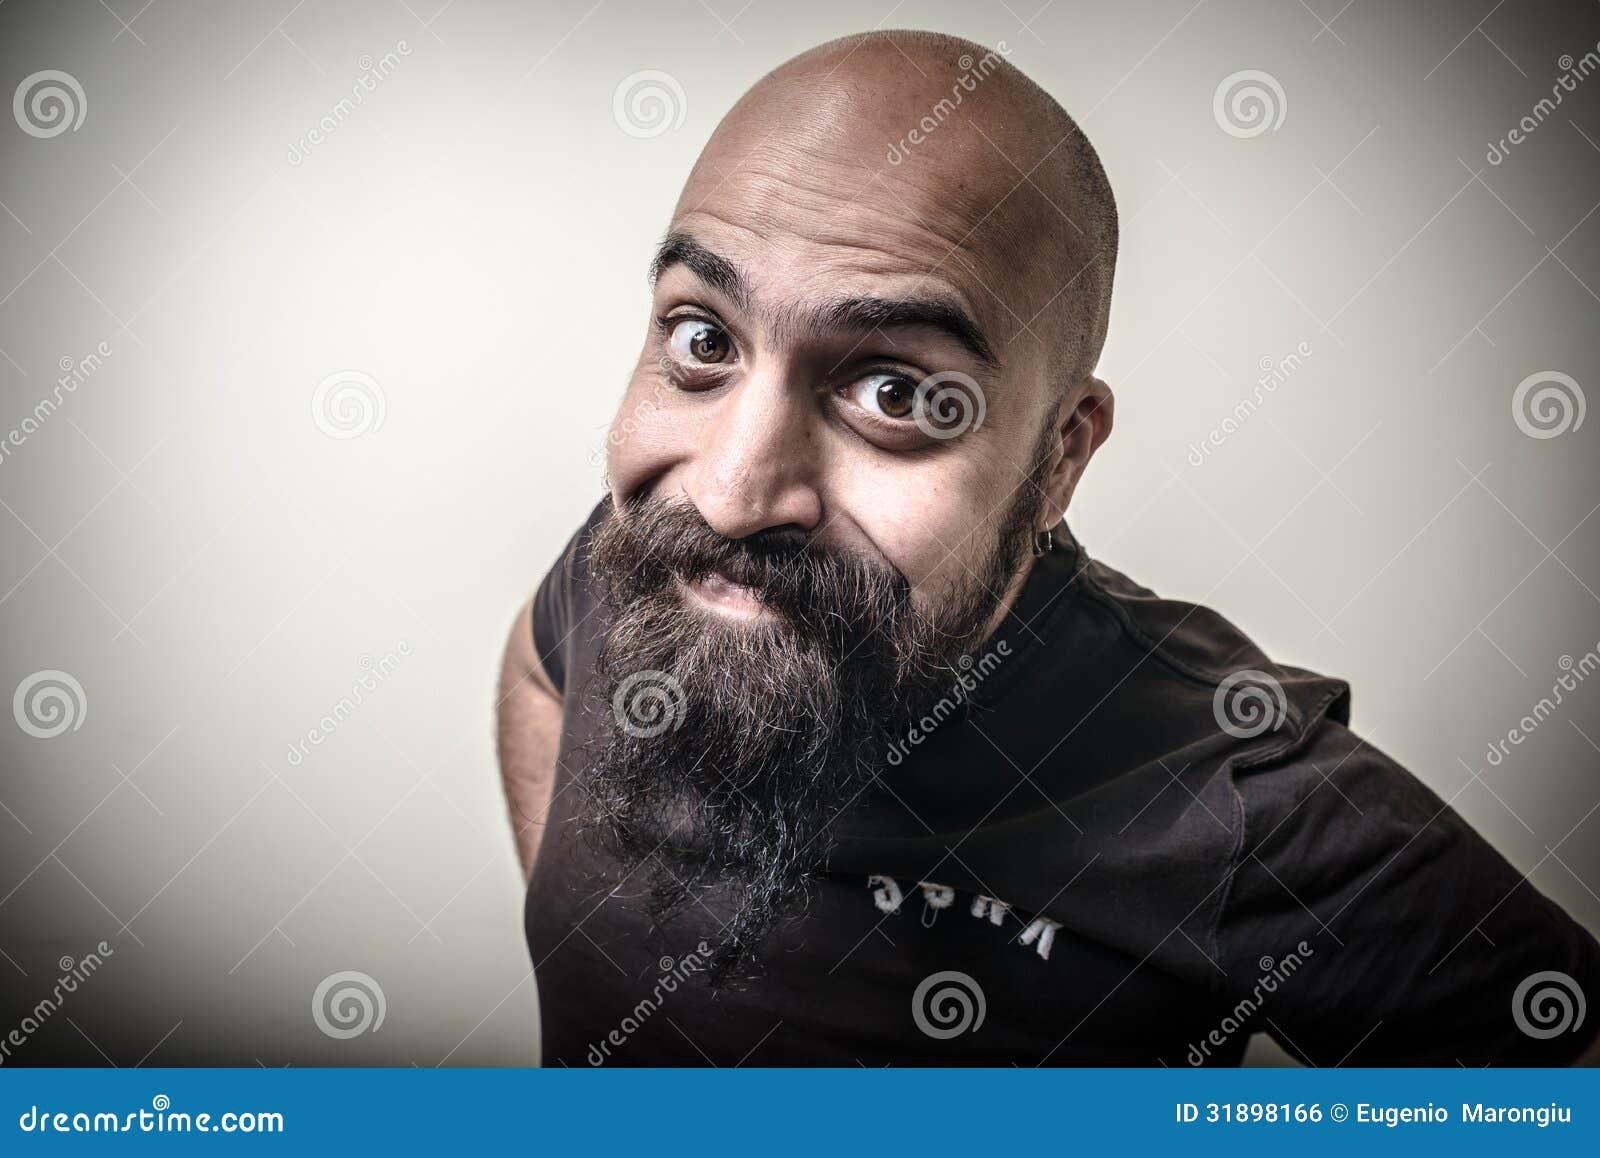 homme barbu dr le de sourire photo stock image du chauve calvitie 31898166. Black Bedroom Furniture Sets. Home Design Ideas